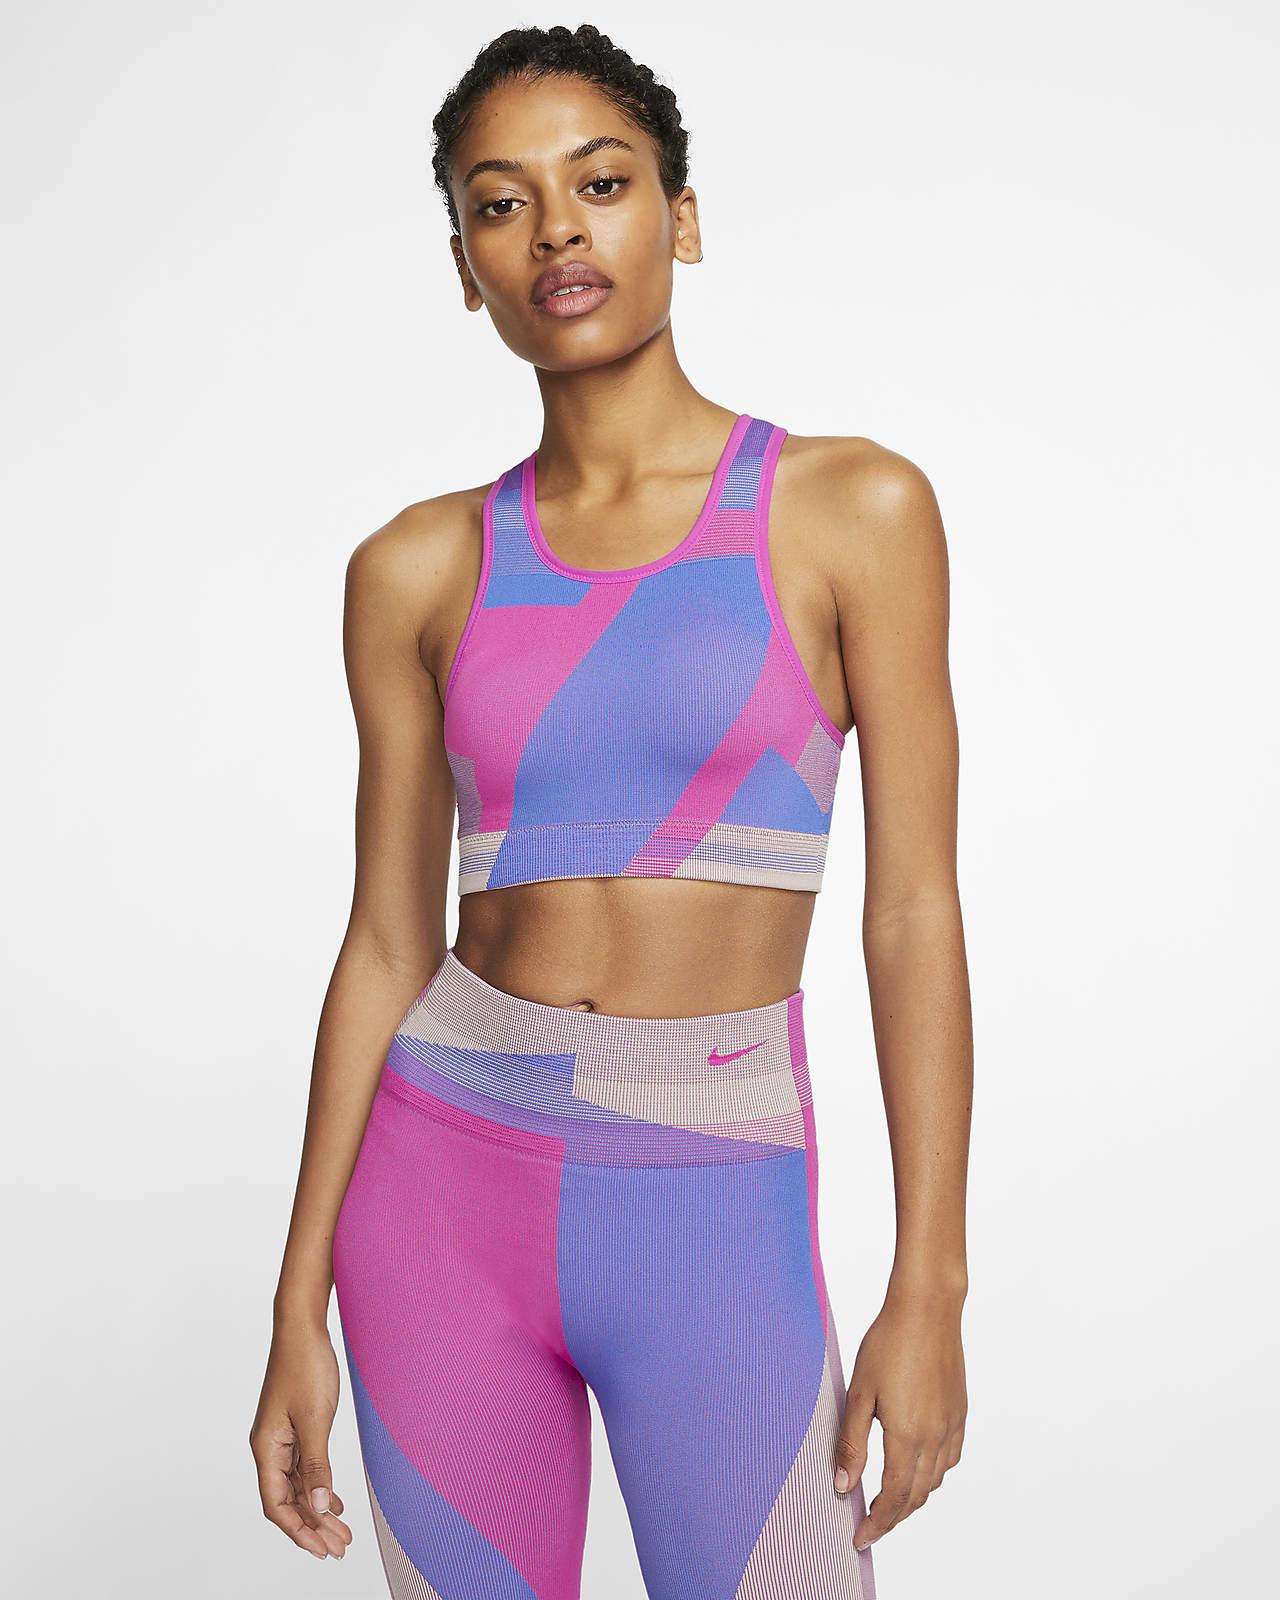 Nike Icon Clash 女款無縫輕度支撐型運動內衣